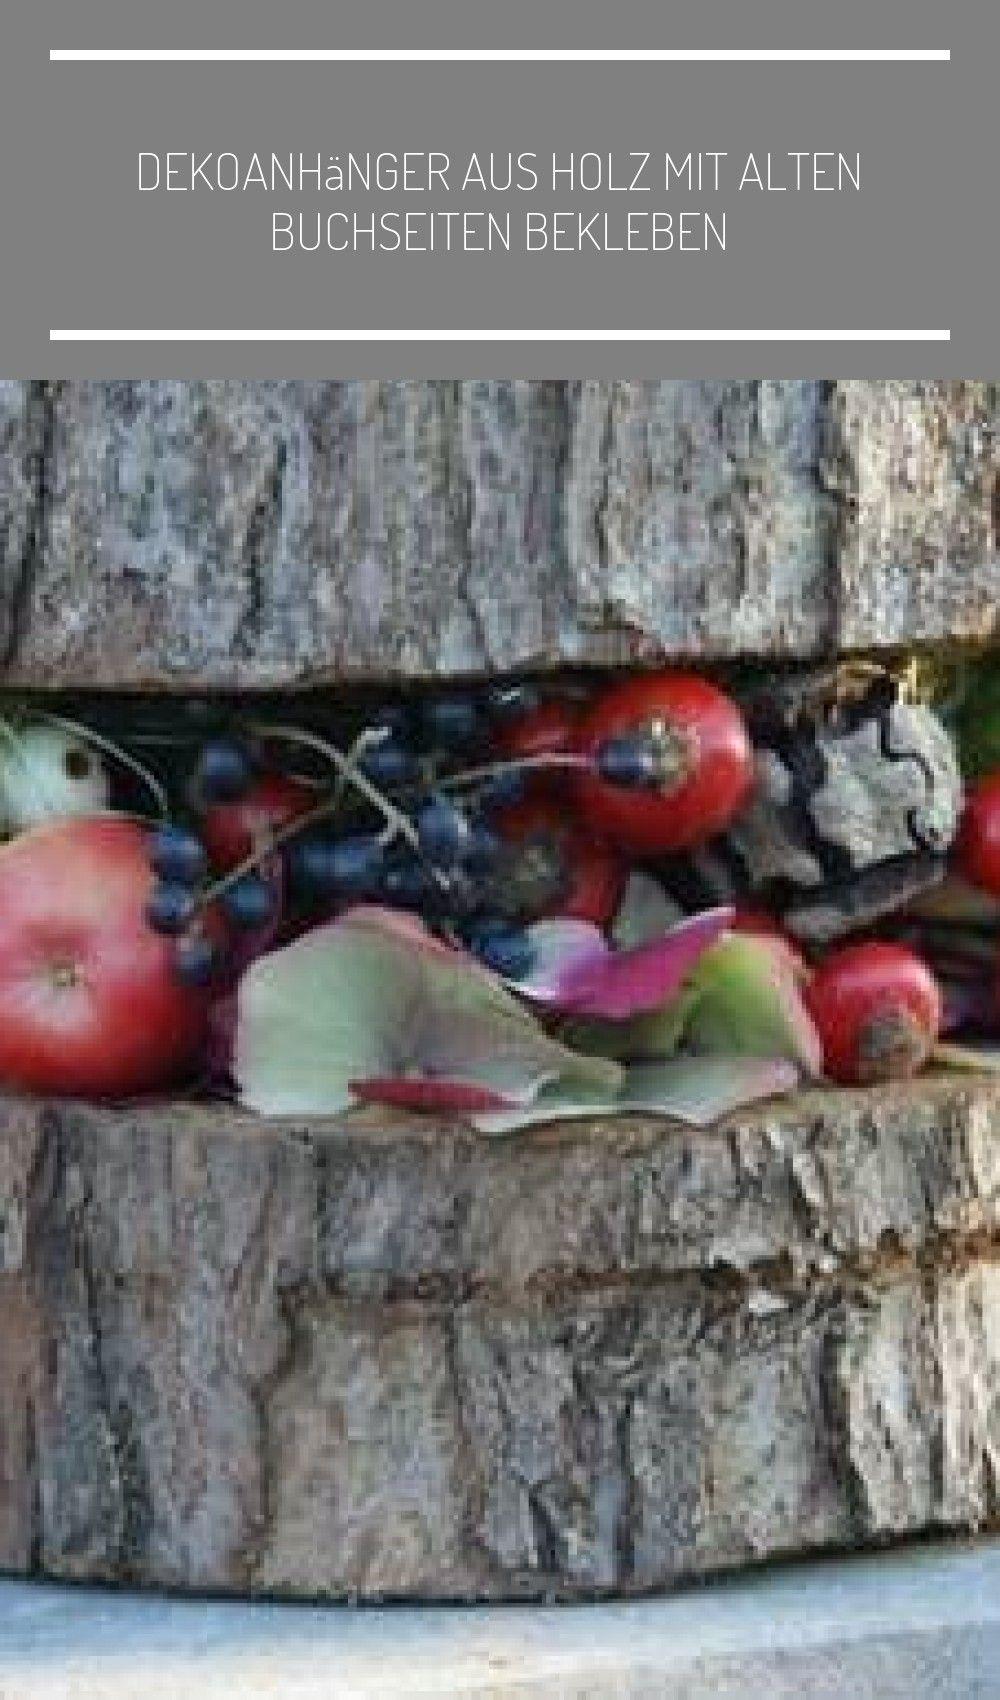 grser garten #garten #garden grser garten grser garten #garten grser garten #garten grser garten #garten #herbstsandwich #zierpflanzen #holzscheiben #farbenfrohe #farbklecks #krftiger #zwischen #breiten #gelegt #garten #wurden #grser #blten #zwei #undEin Herbstsandwich ist ein krftiger Farbklecks im Garten. Zwischen zwei breiten Holzscheiben wurden farbenfrohe Blten, Zierpflanzen und Grser gelegt. #holzscheiben deko herbst #holzscheibendeko